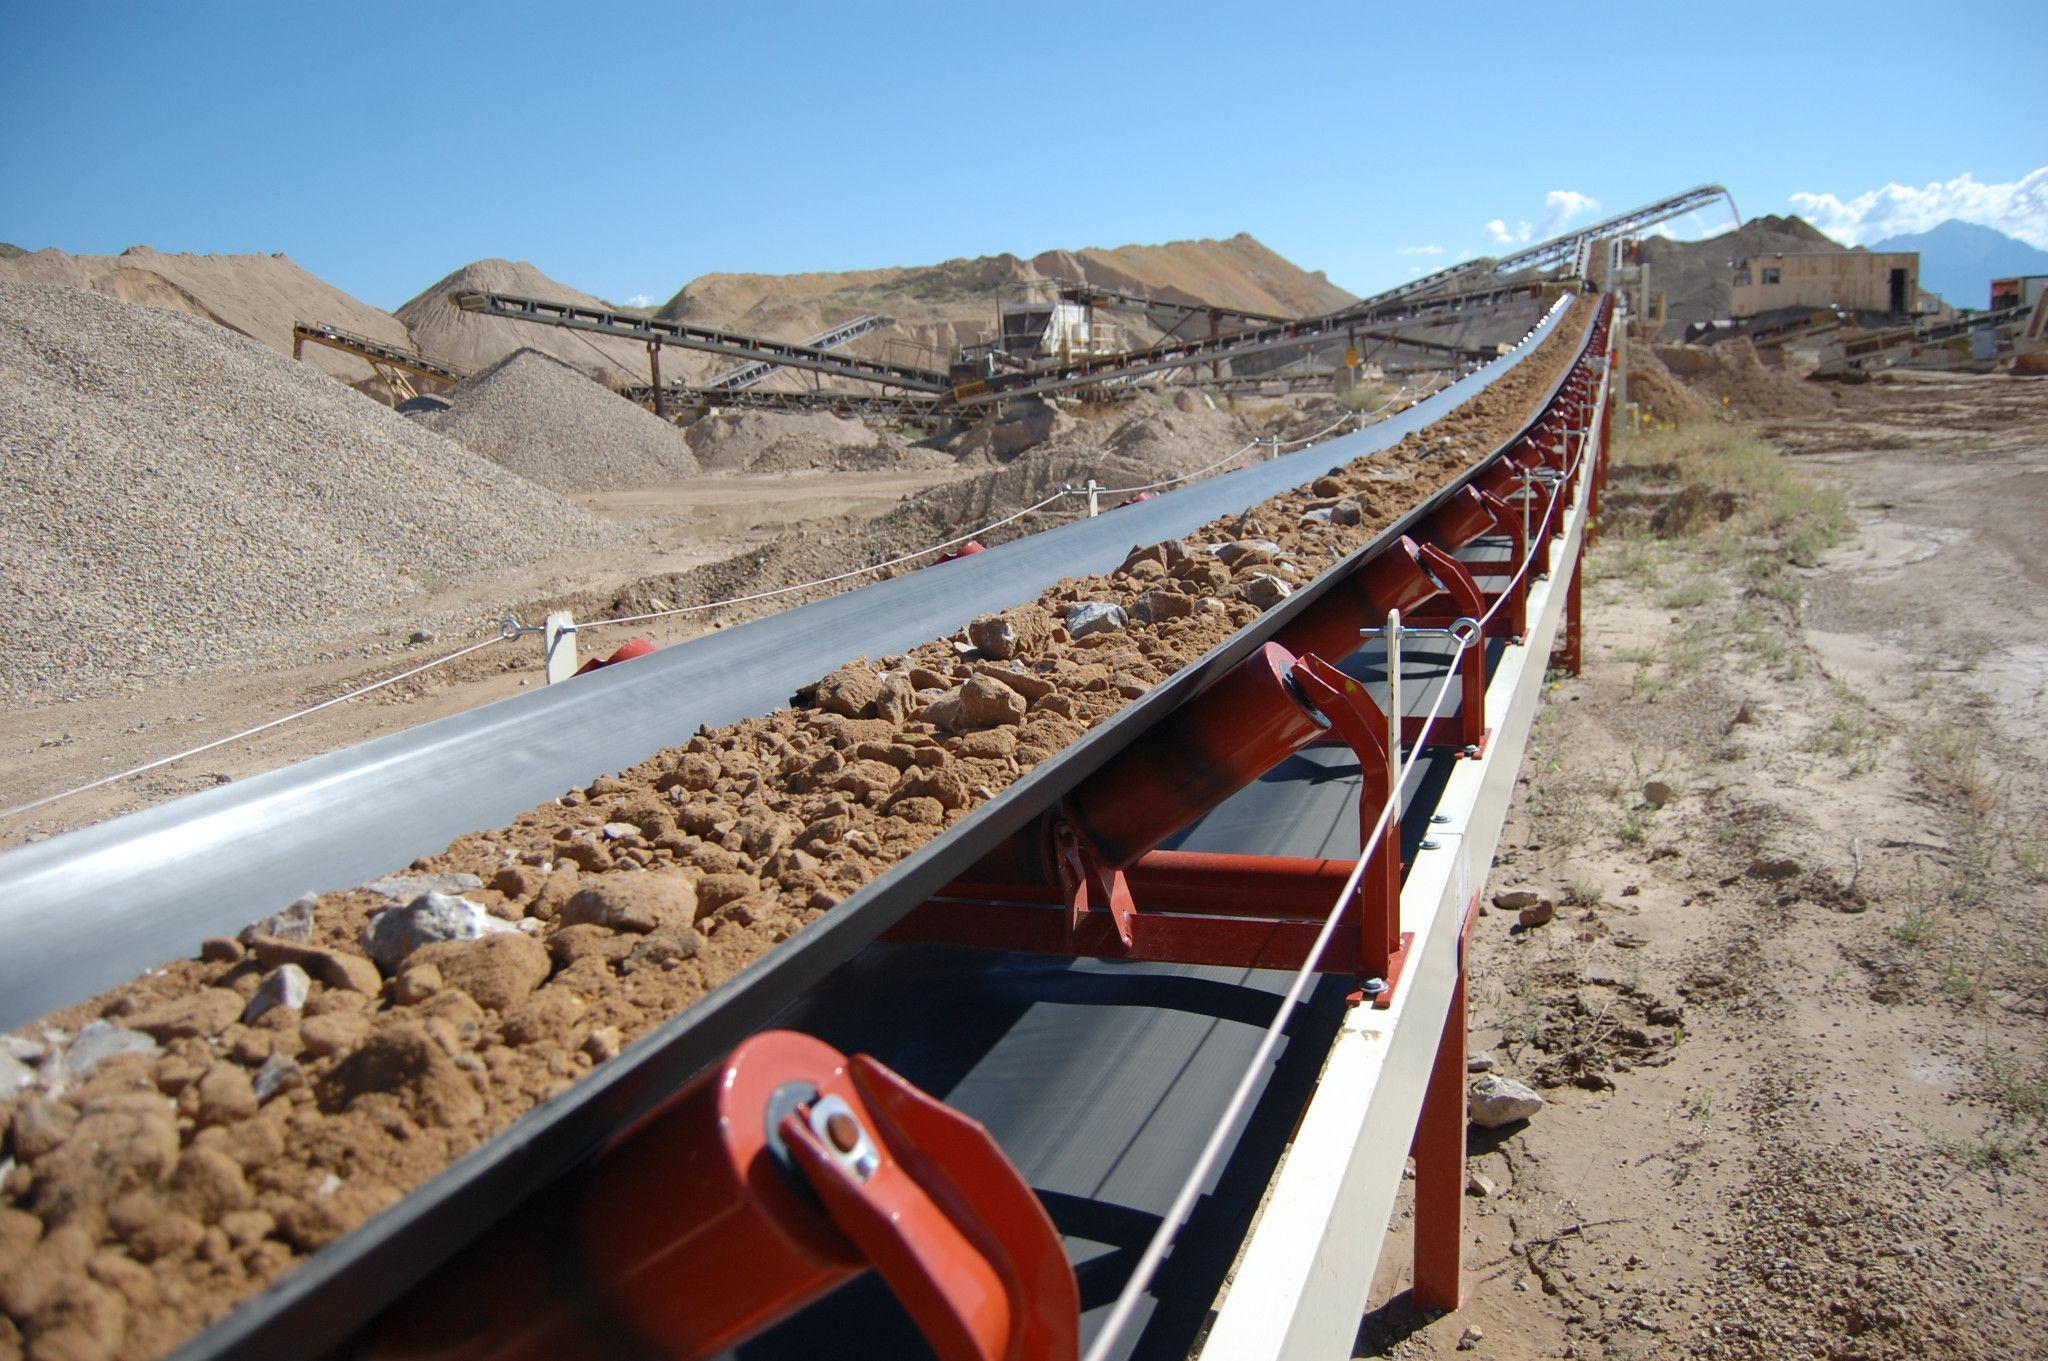 Transporte de material sobre correias avança na mineração